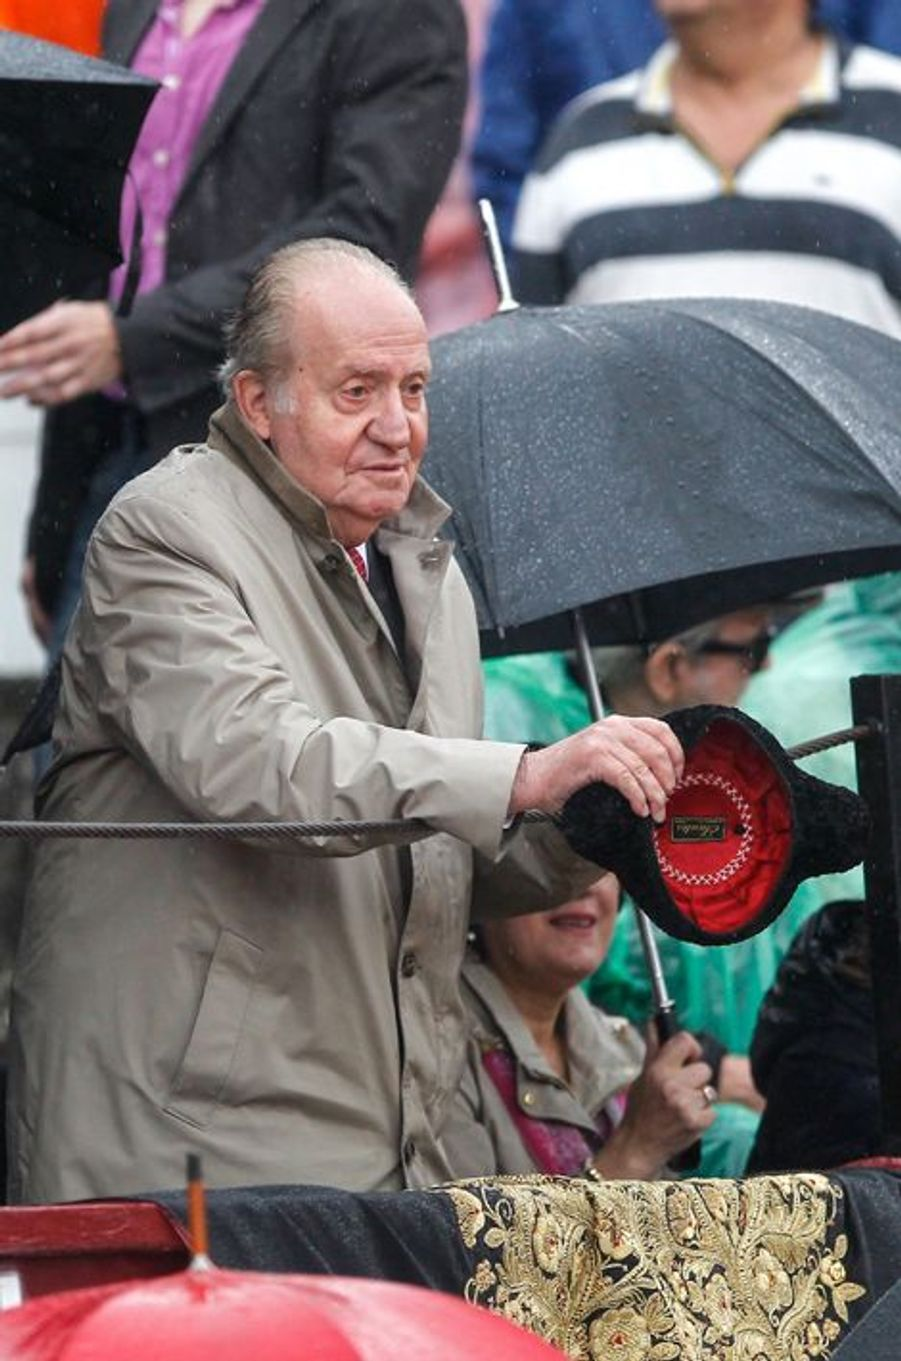 L'ex-roi d'Espagne Juan Carlos à la corrida de Brihuega, le 11 avril 2015